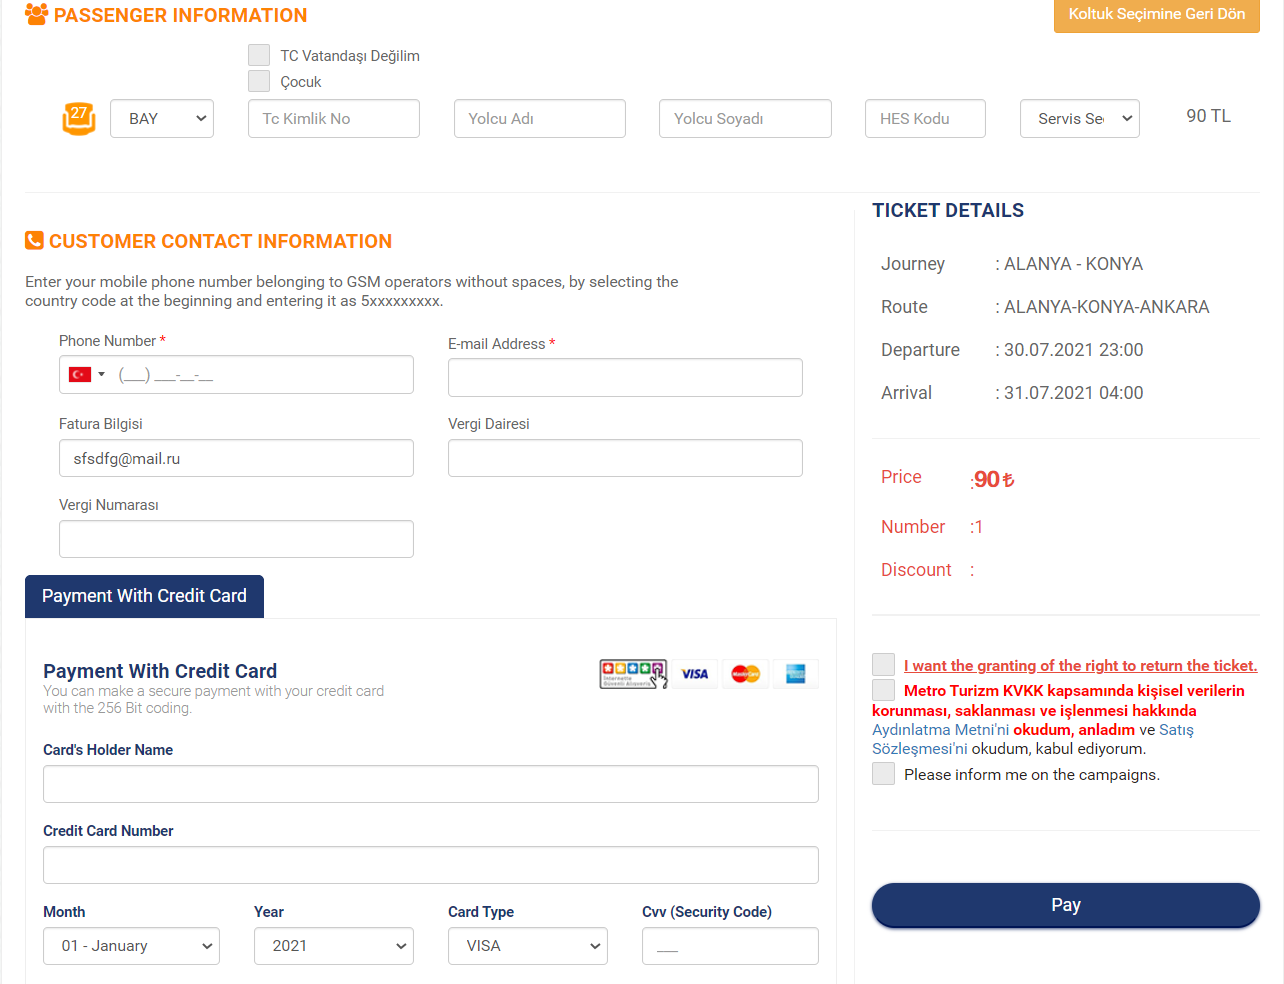 как доехать из алании в каппадокию - турецкие сайты бронирования билетов на автобусы 2